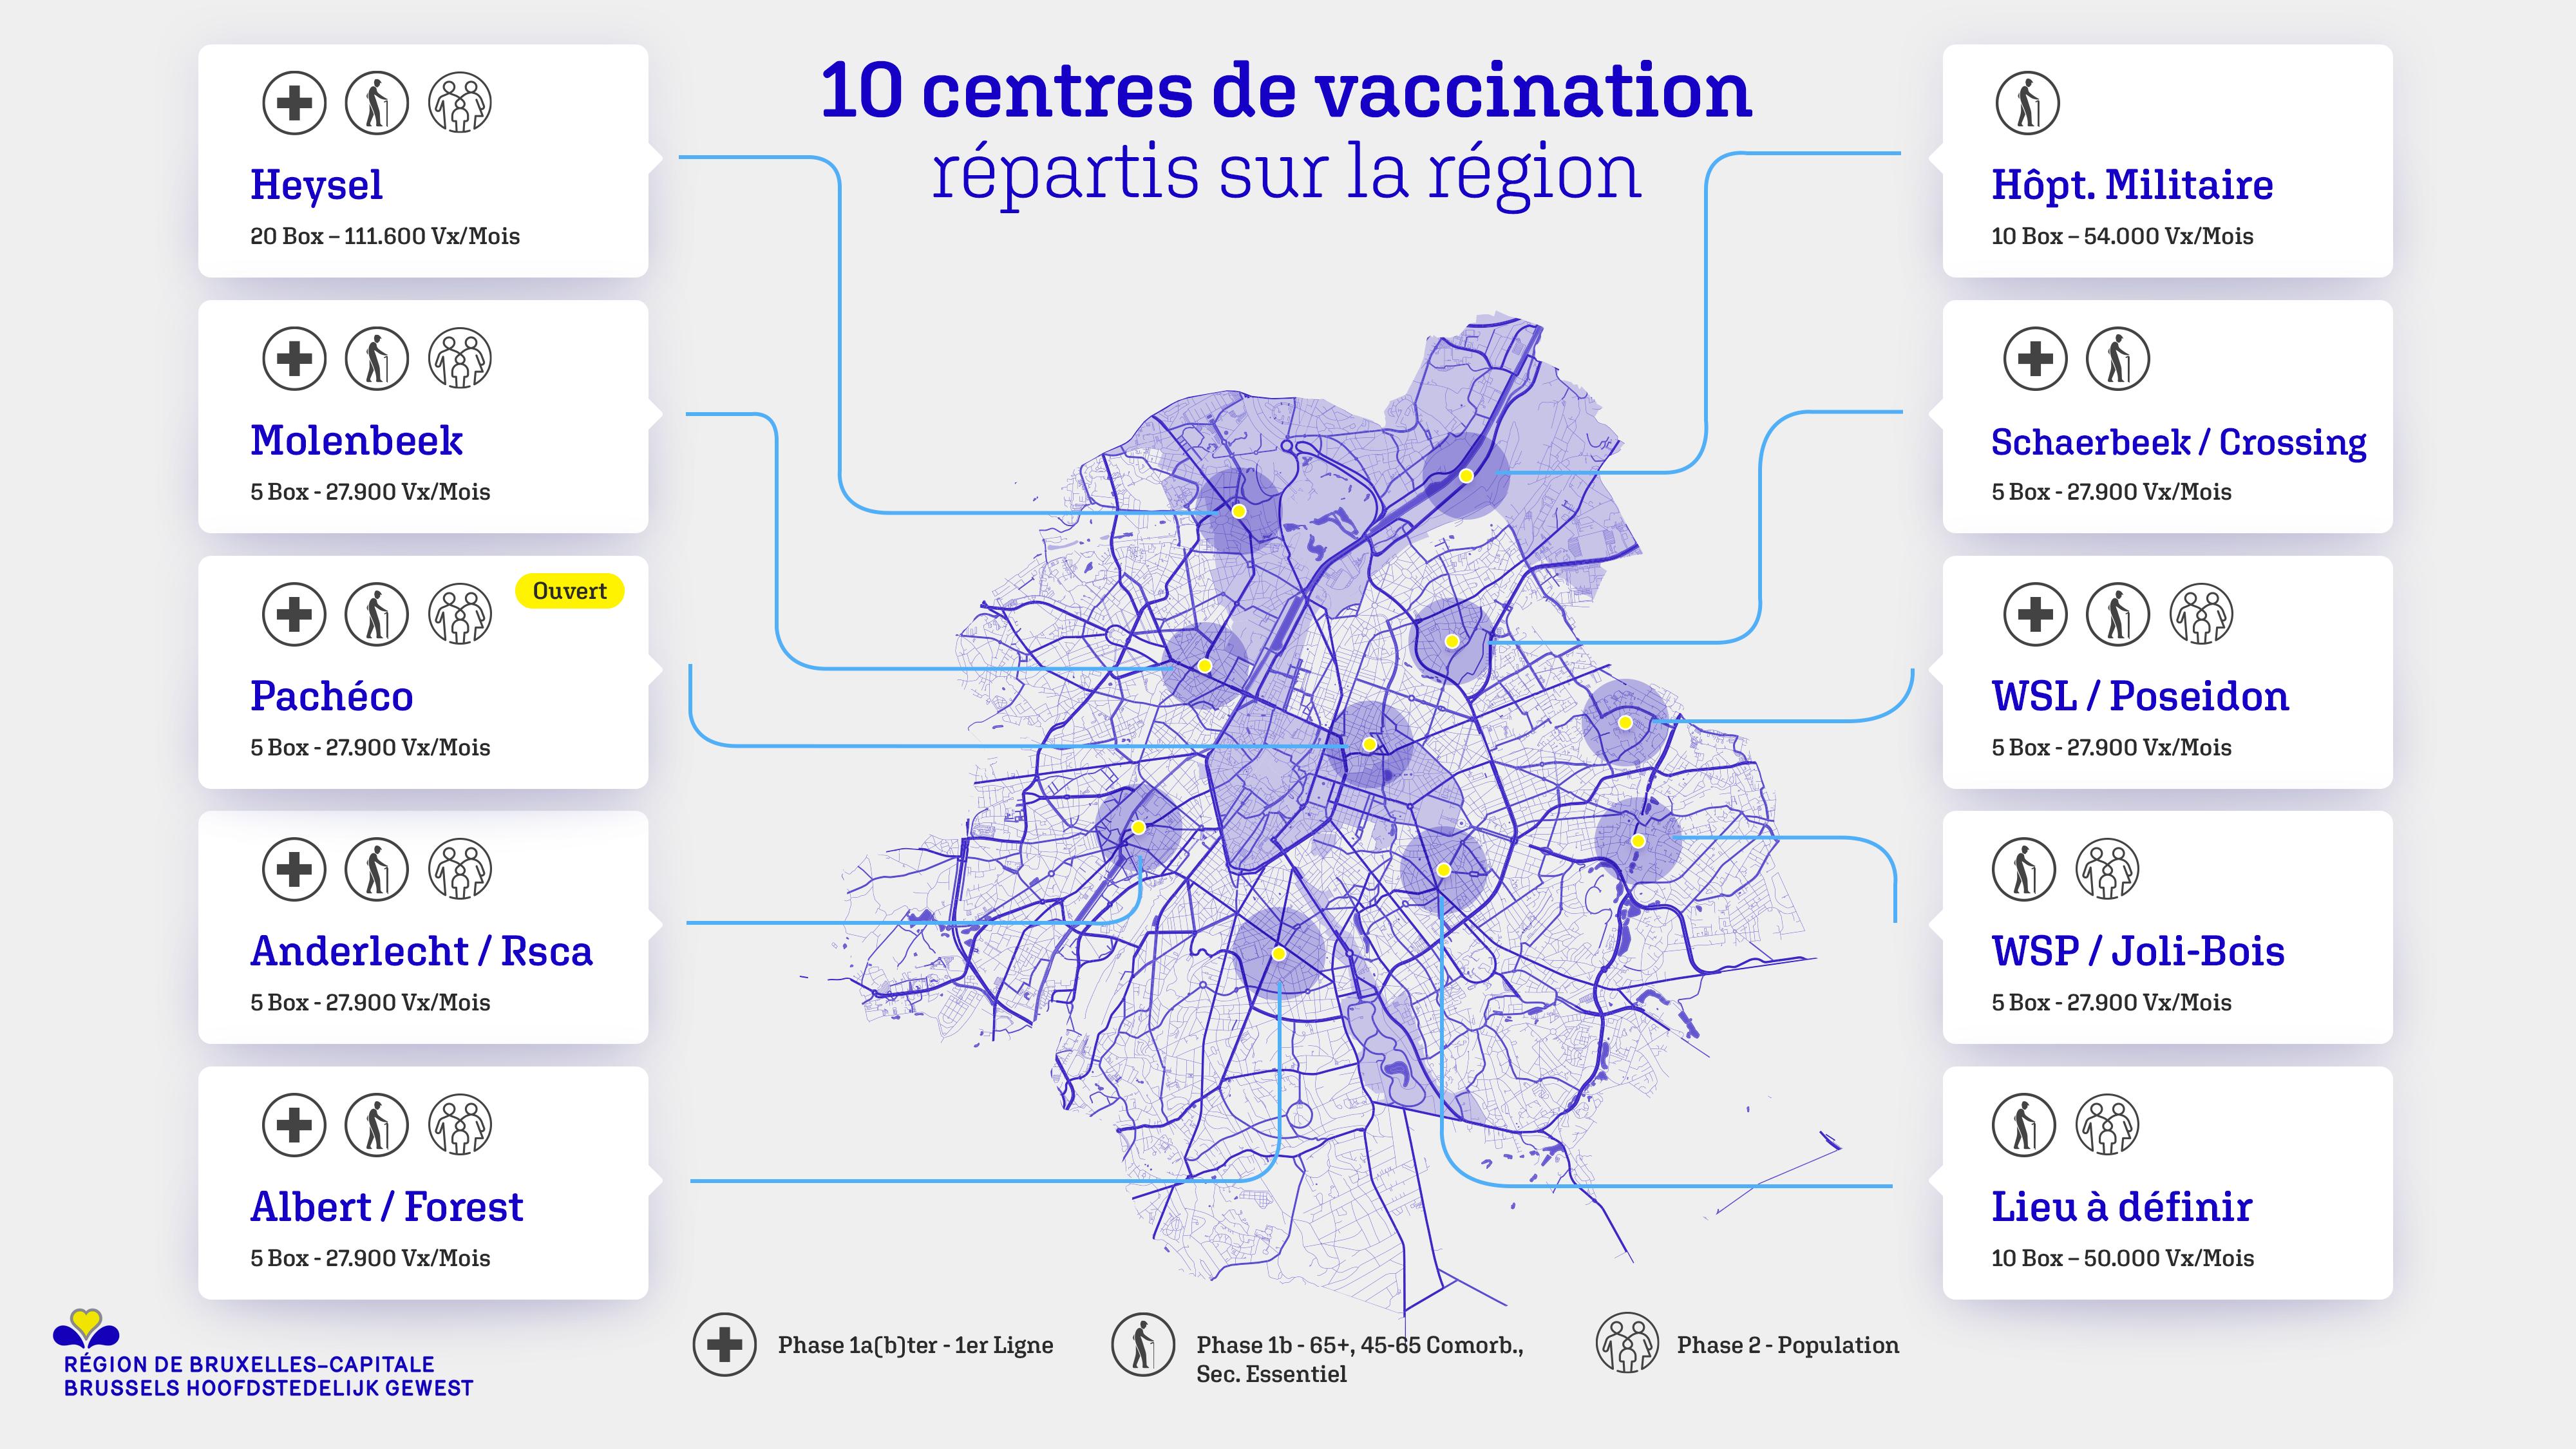 Le 10e centre de vaccination bruxellois sera situé à Uccle